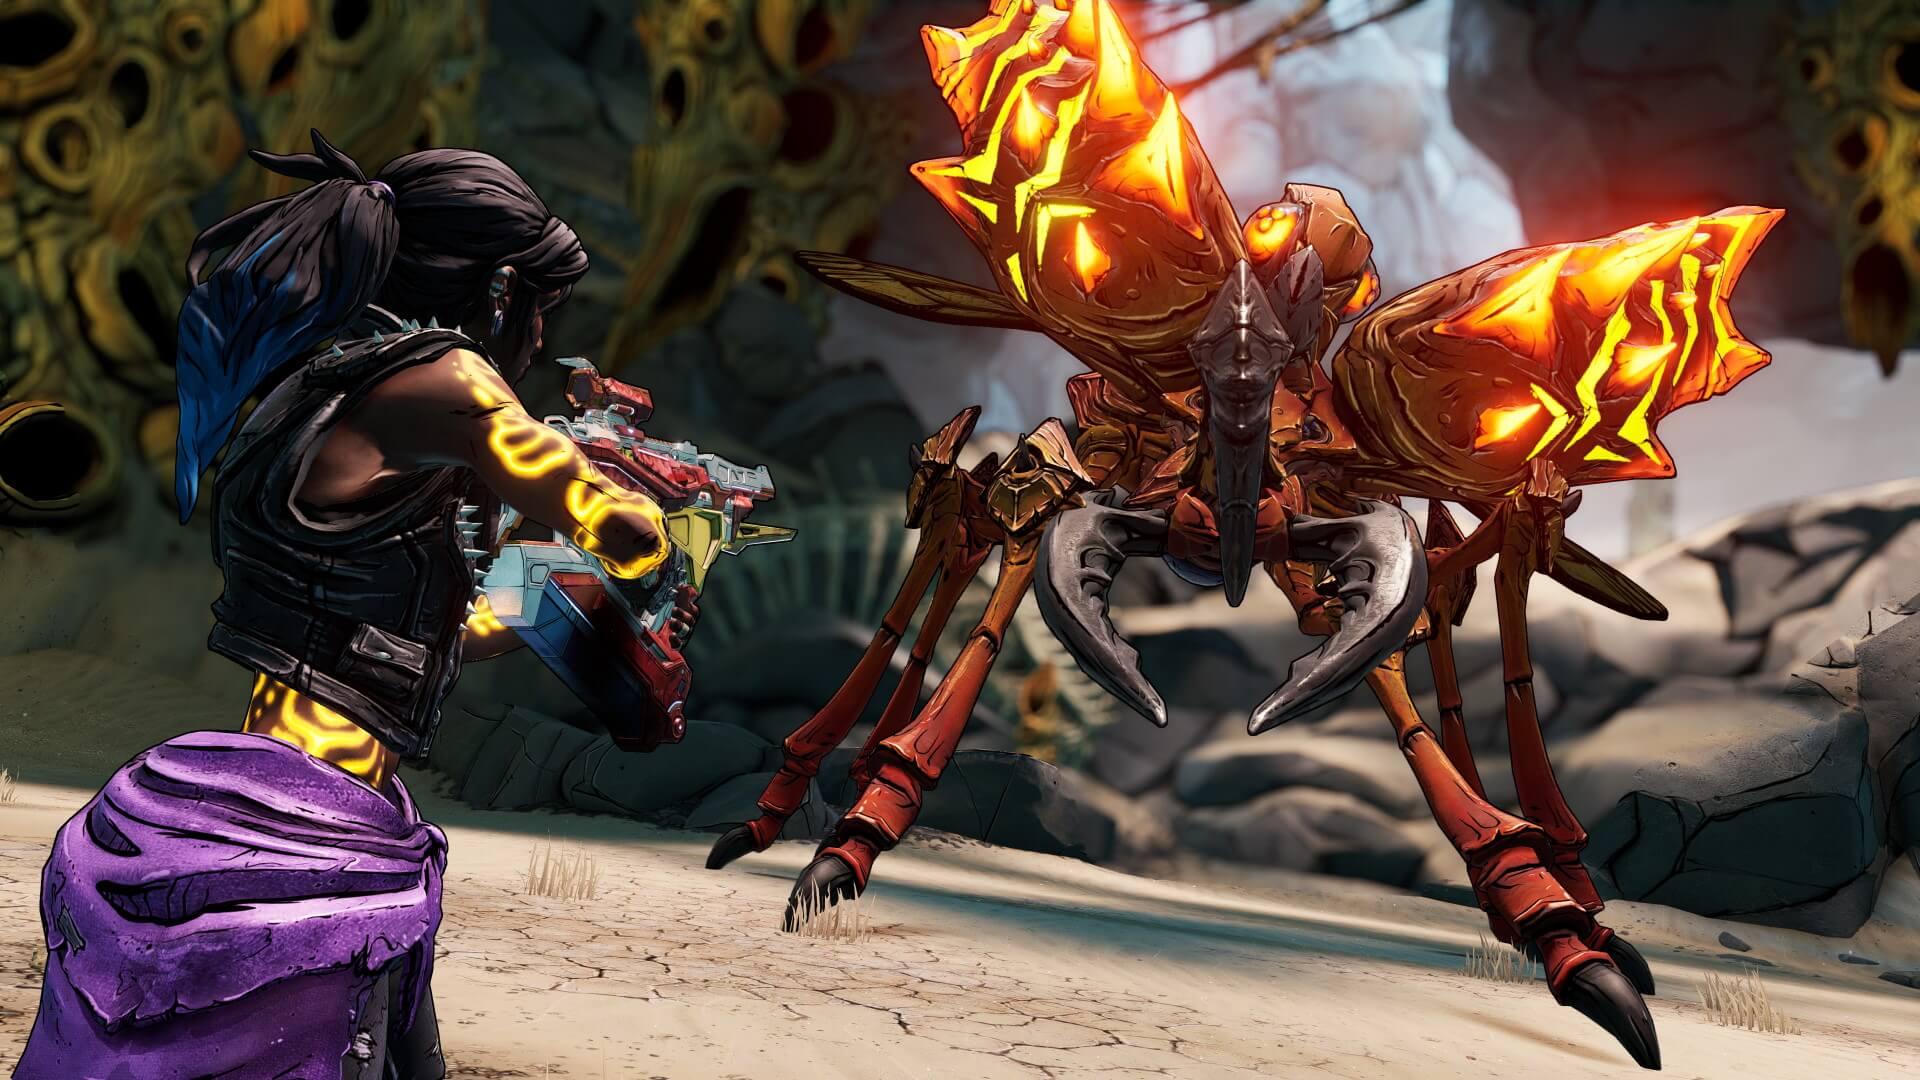 Borderlands 3: El DLC Director's Cut se retrasa hasta abril